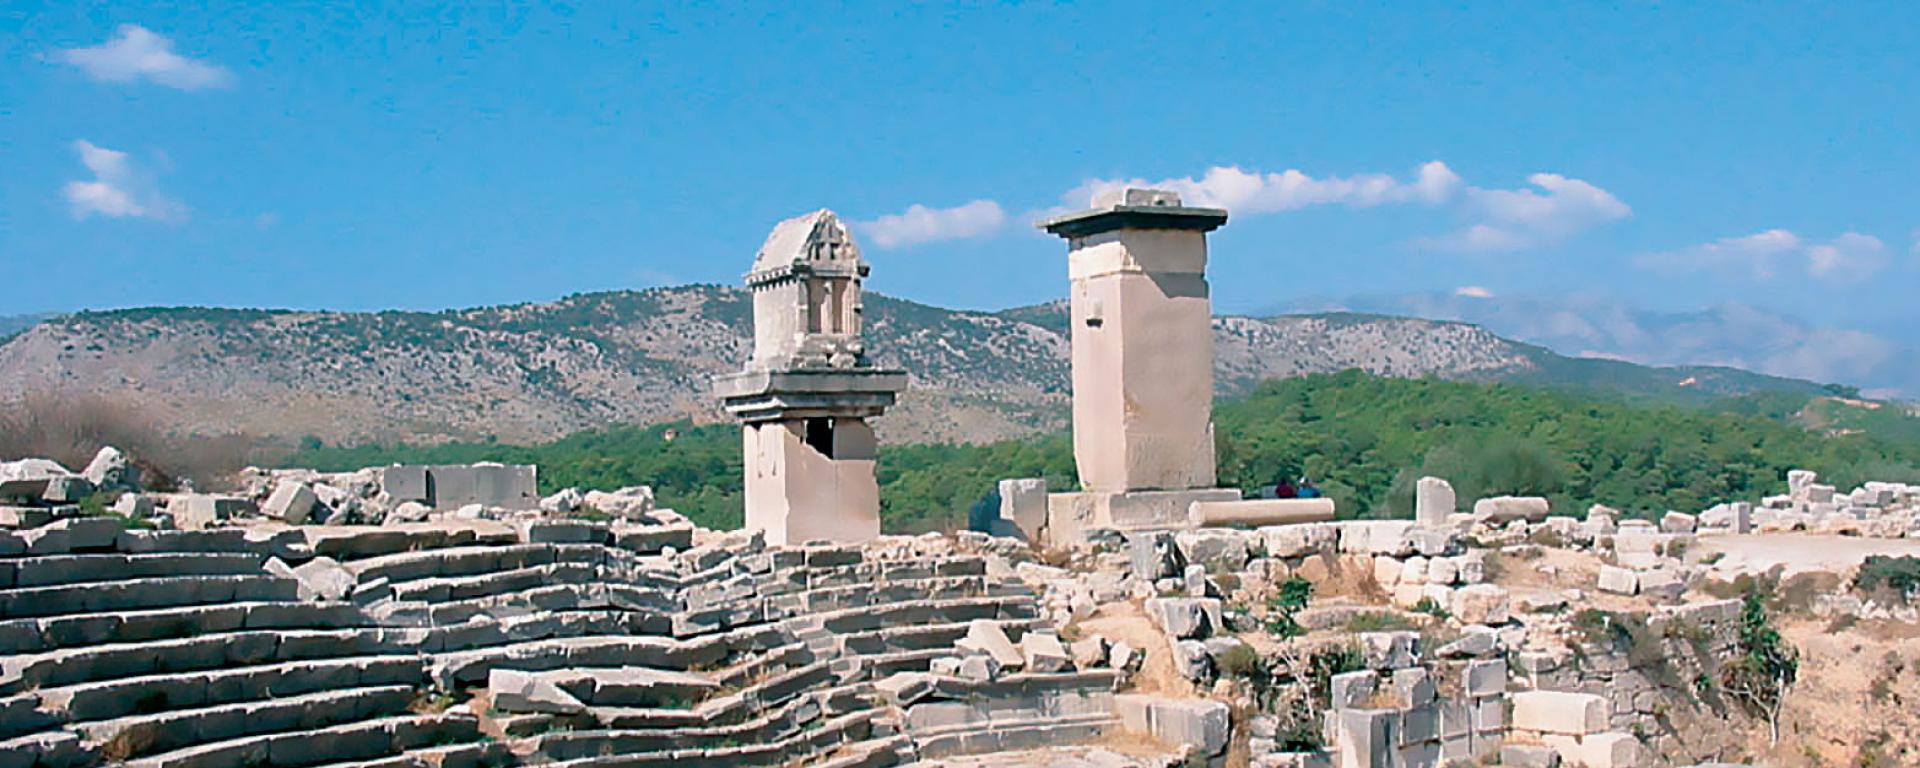 Xanthos, Antalya